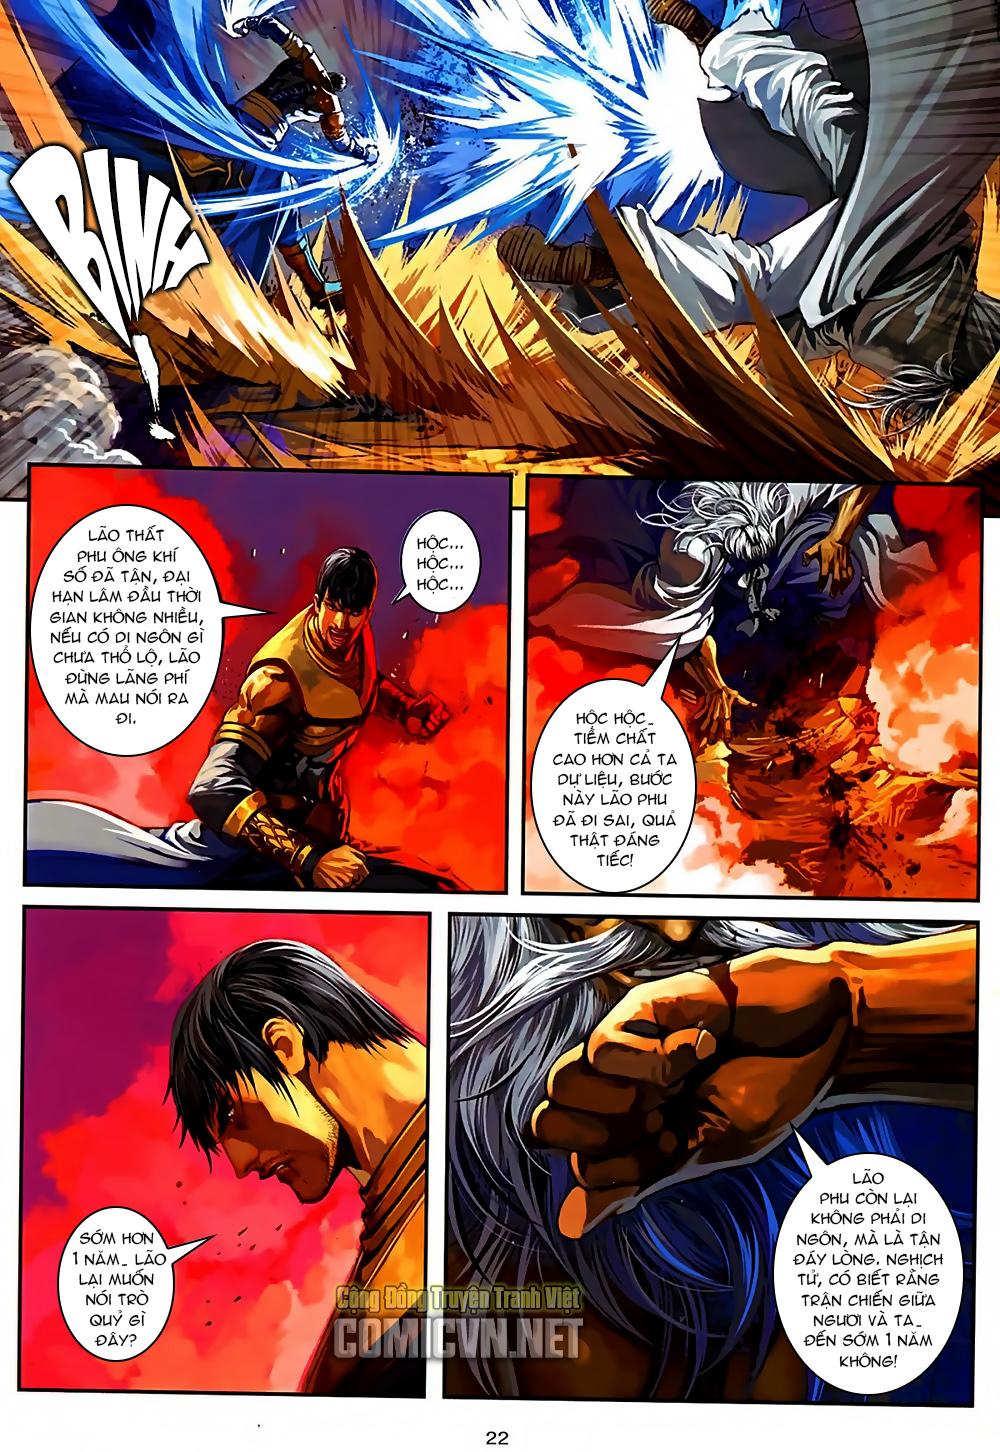 Ôn Thuỵ An Quần Hiệp Truyện Phần 2 chapter 37 trang 22